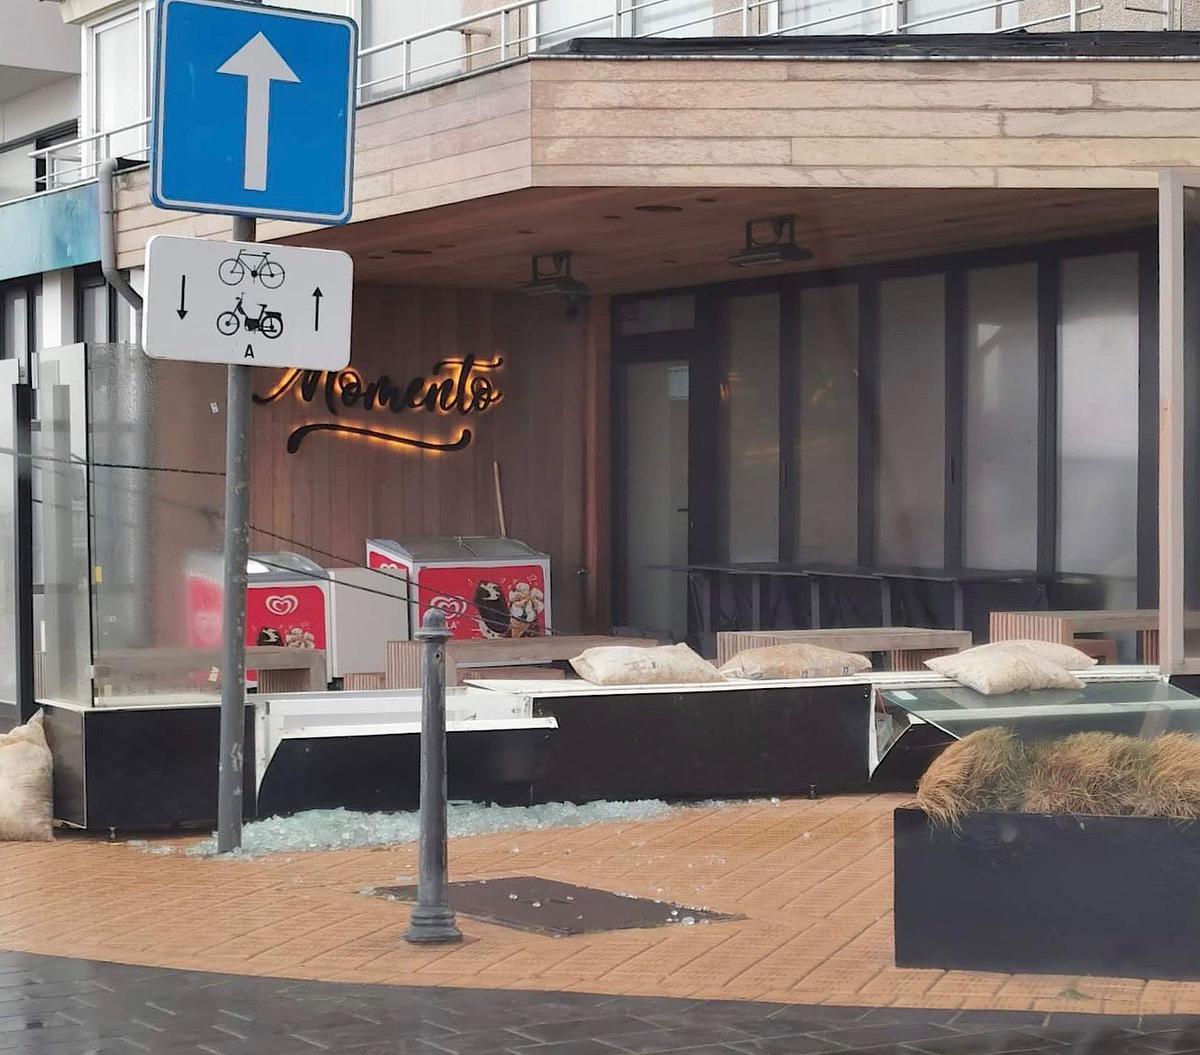 Ook bij bistro Momento in Mariakerke was de schade groot., foto DJ